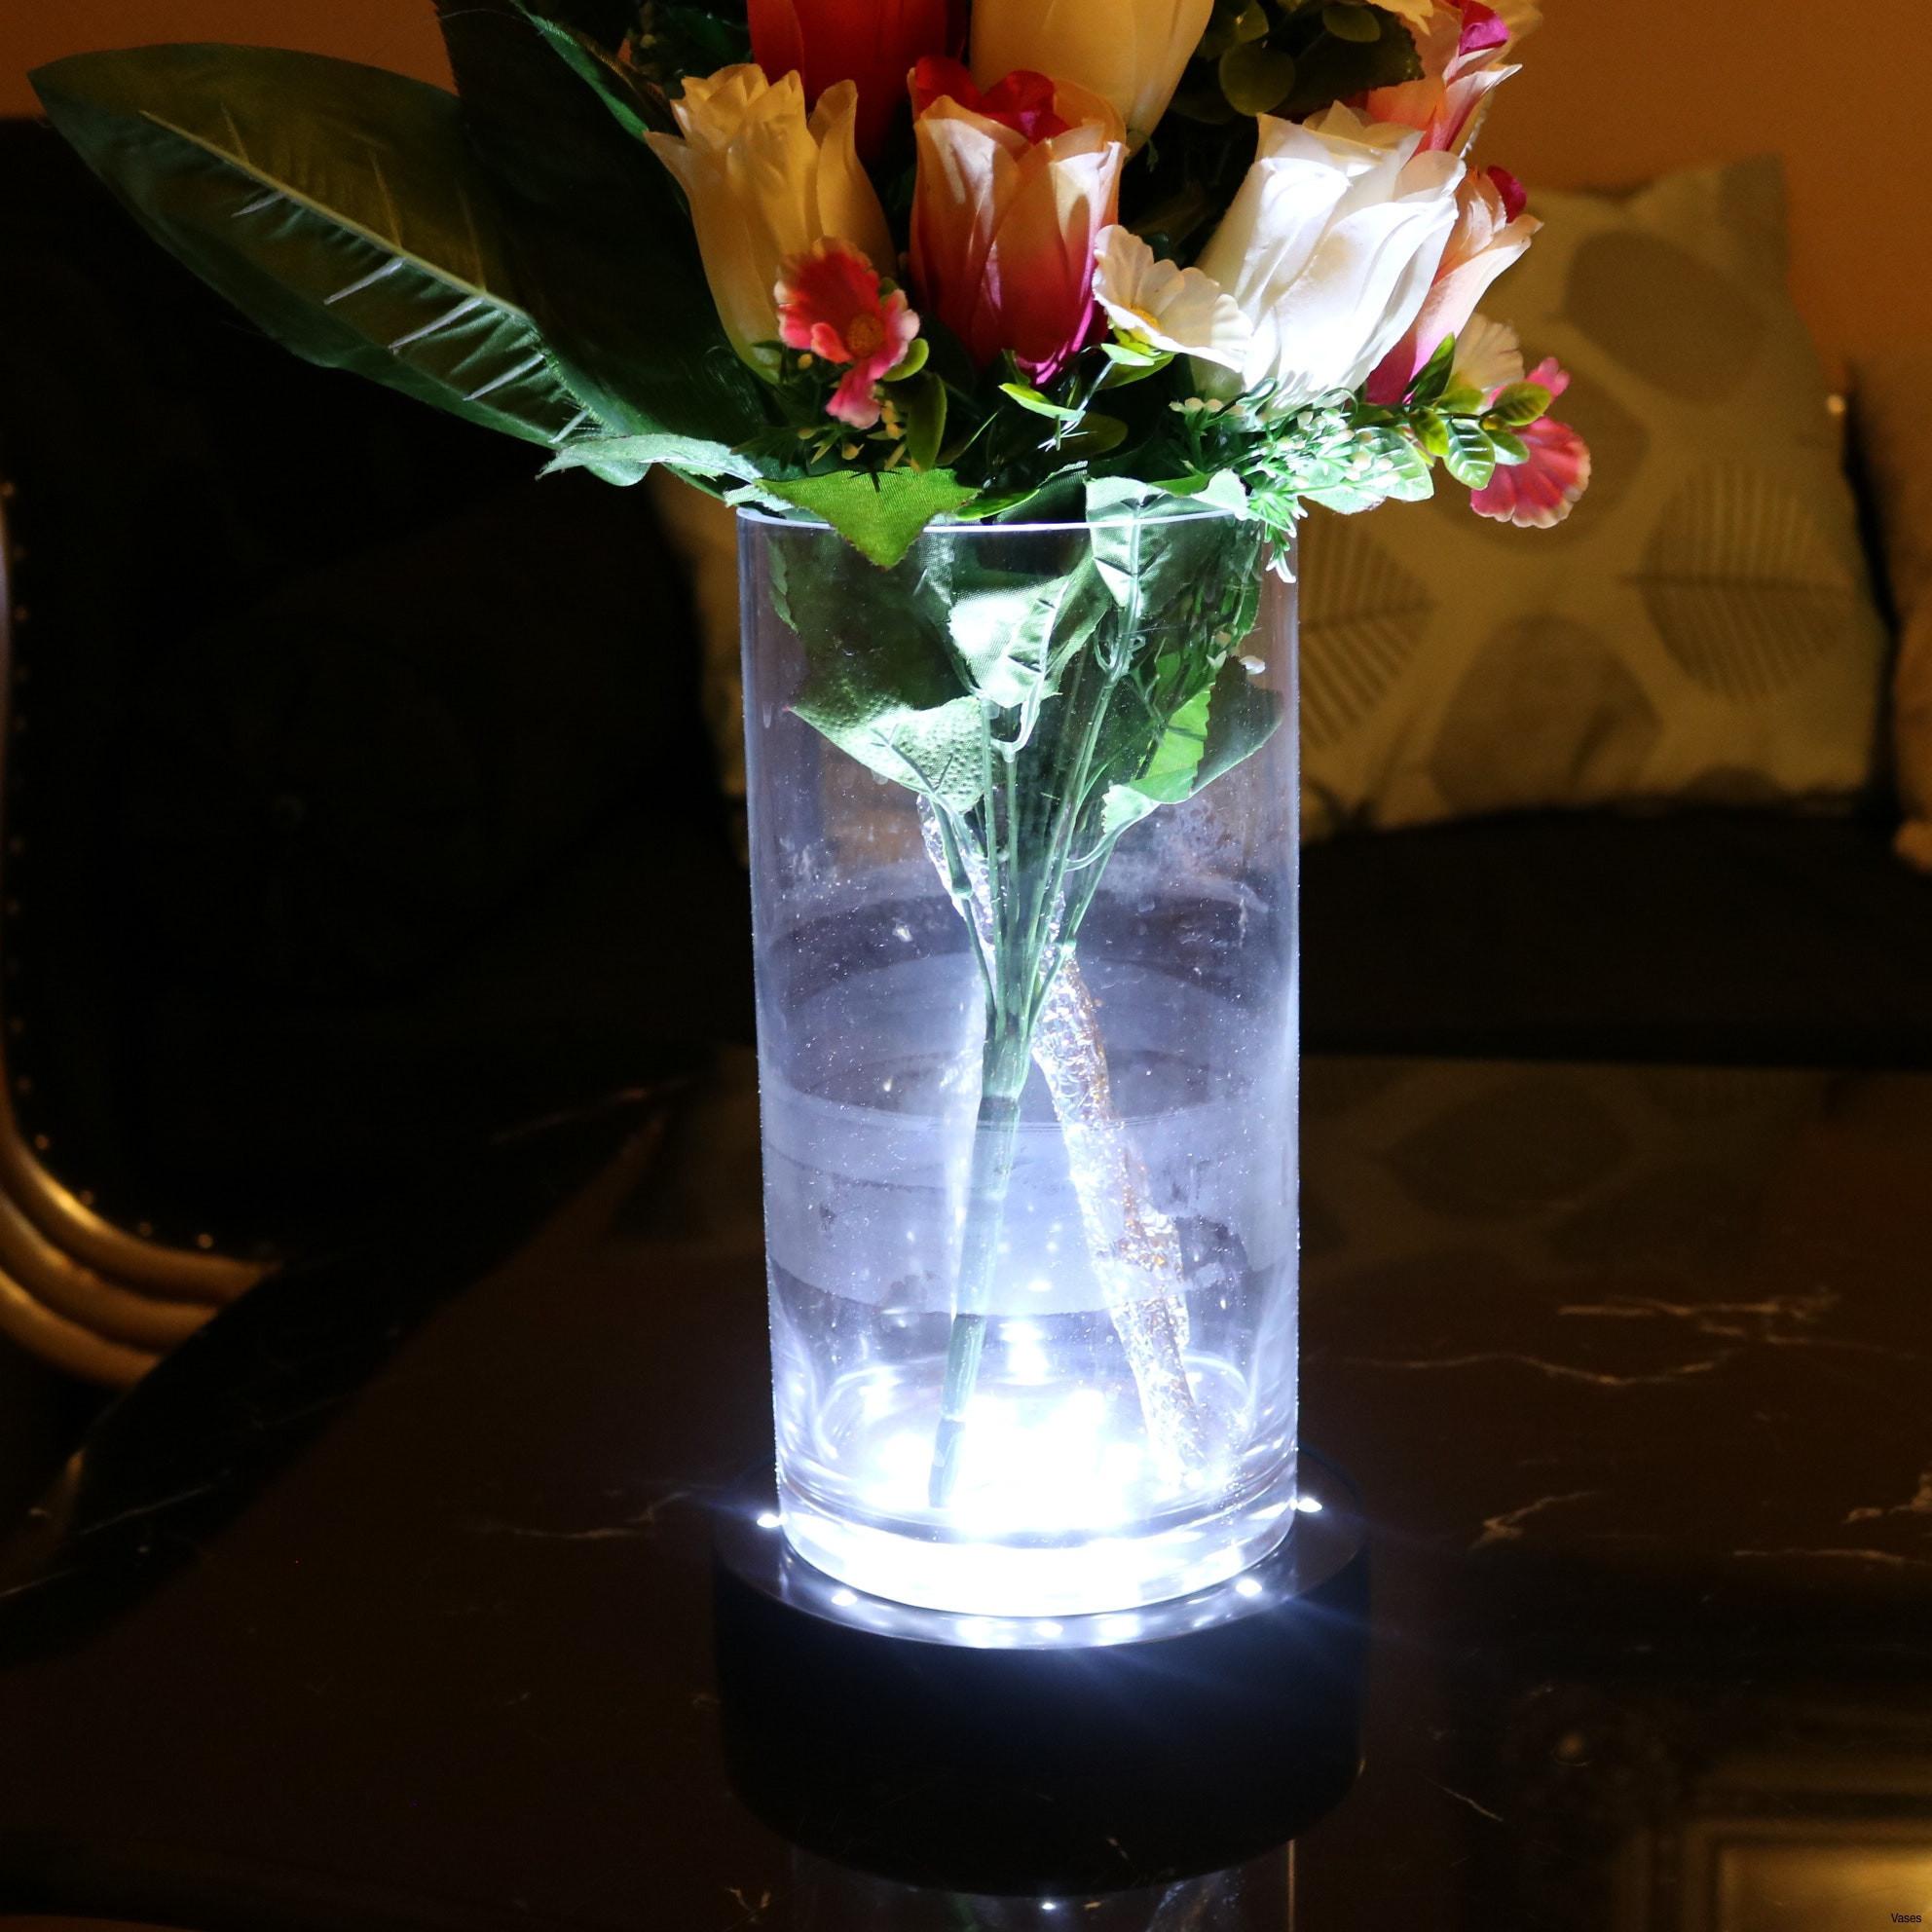 fenton blue opalescent hobnail vase of rose bowl vase pics vases fish bowl vase centerpiece centerpiecei 0d regarding rose bowl vase photograph cheap plastic rectangular planters unique vases disposable plastic of rose bowl vase